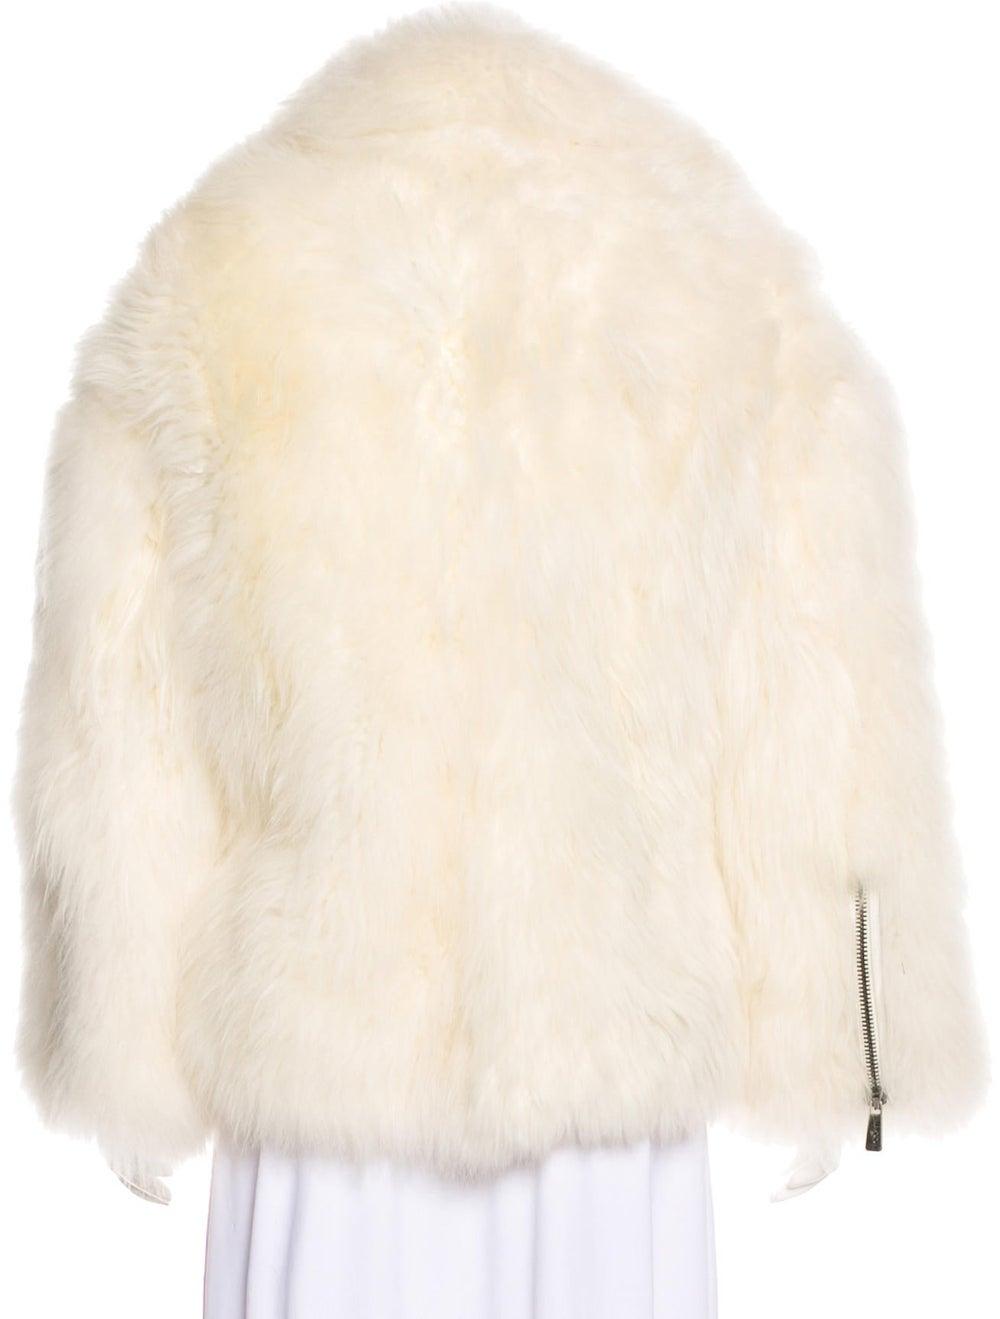 Hogan Shearling Leather Jacket - image 3